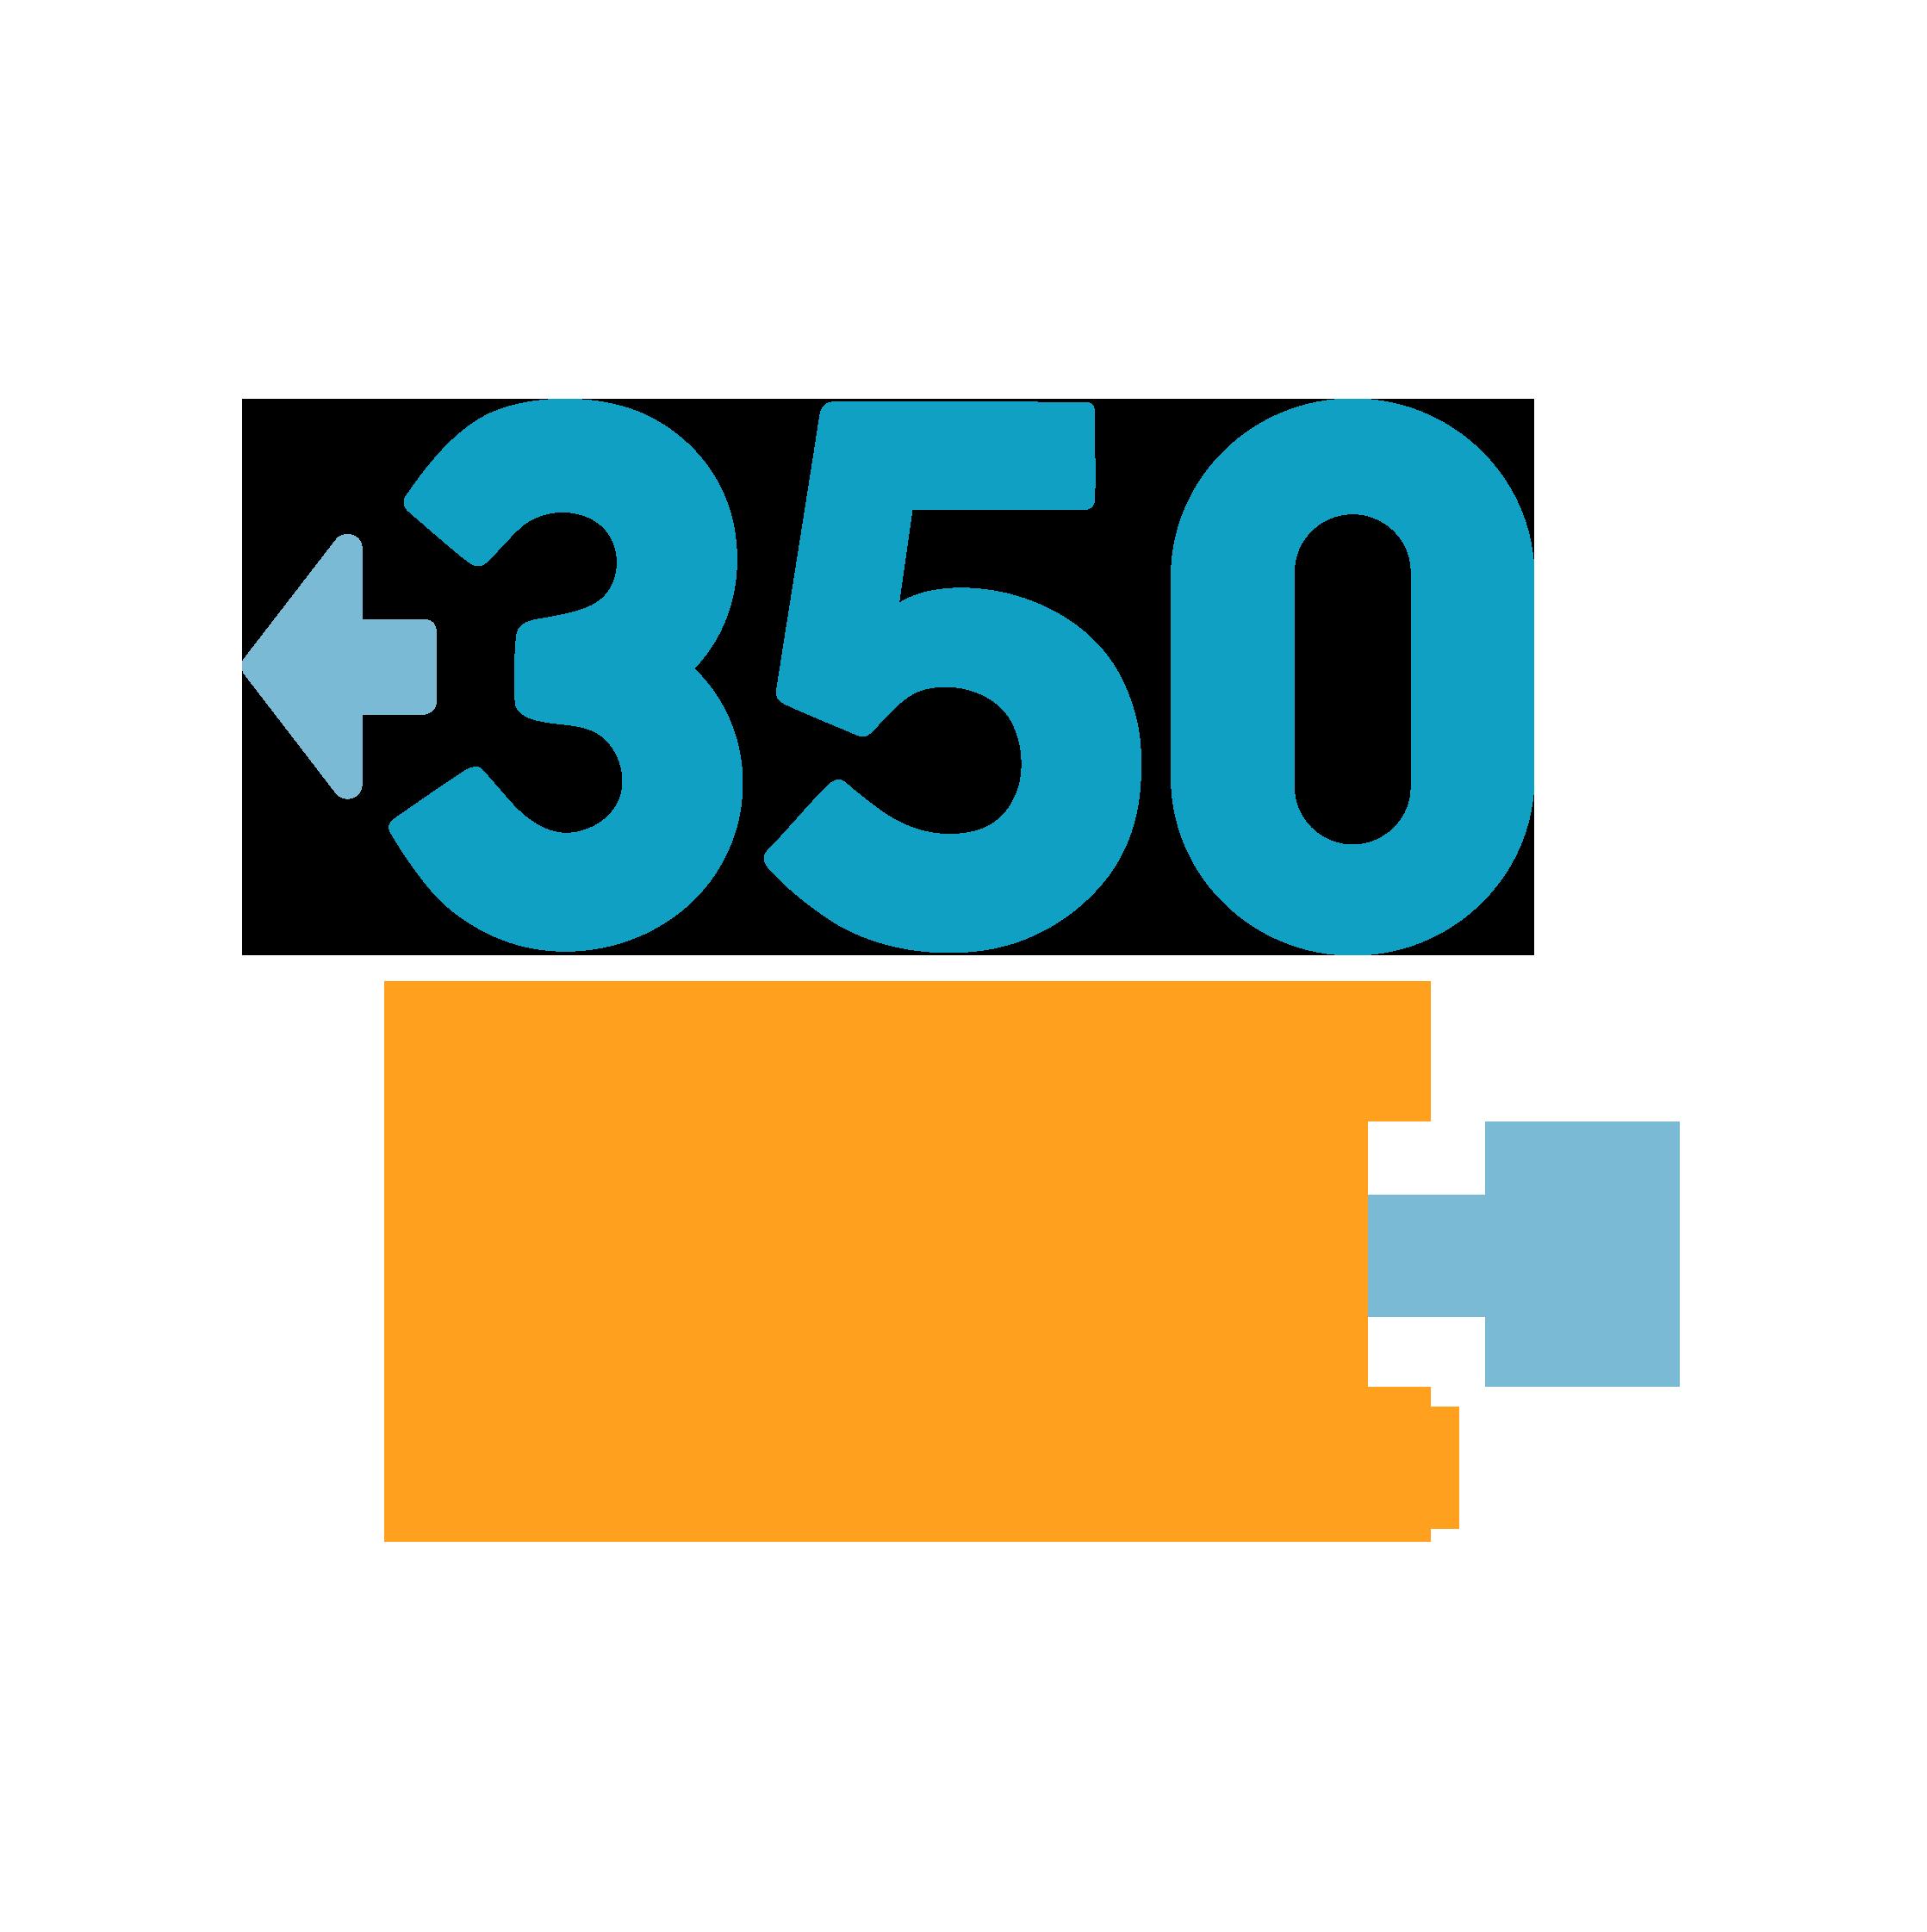 350 STL